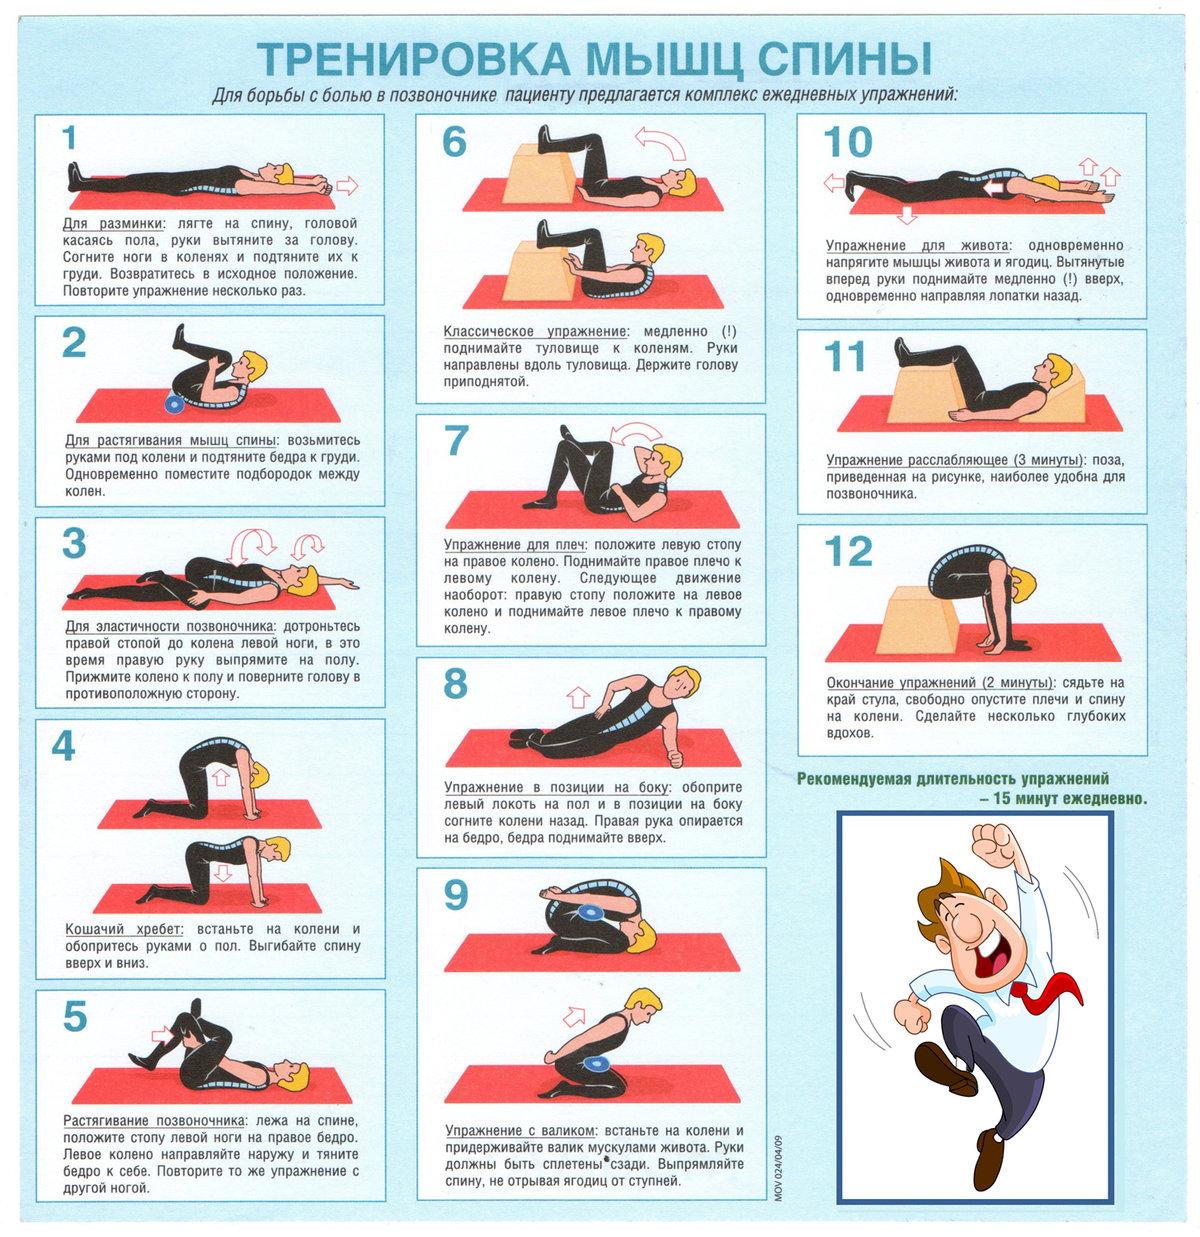 Лфк для мышц спины в картинках